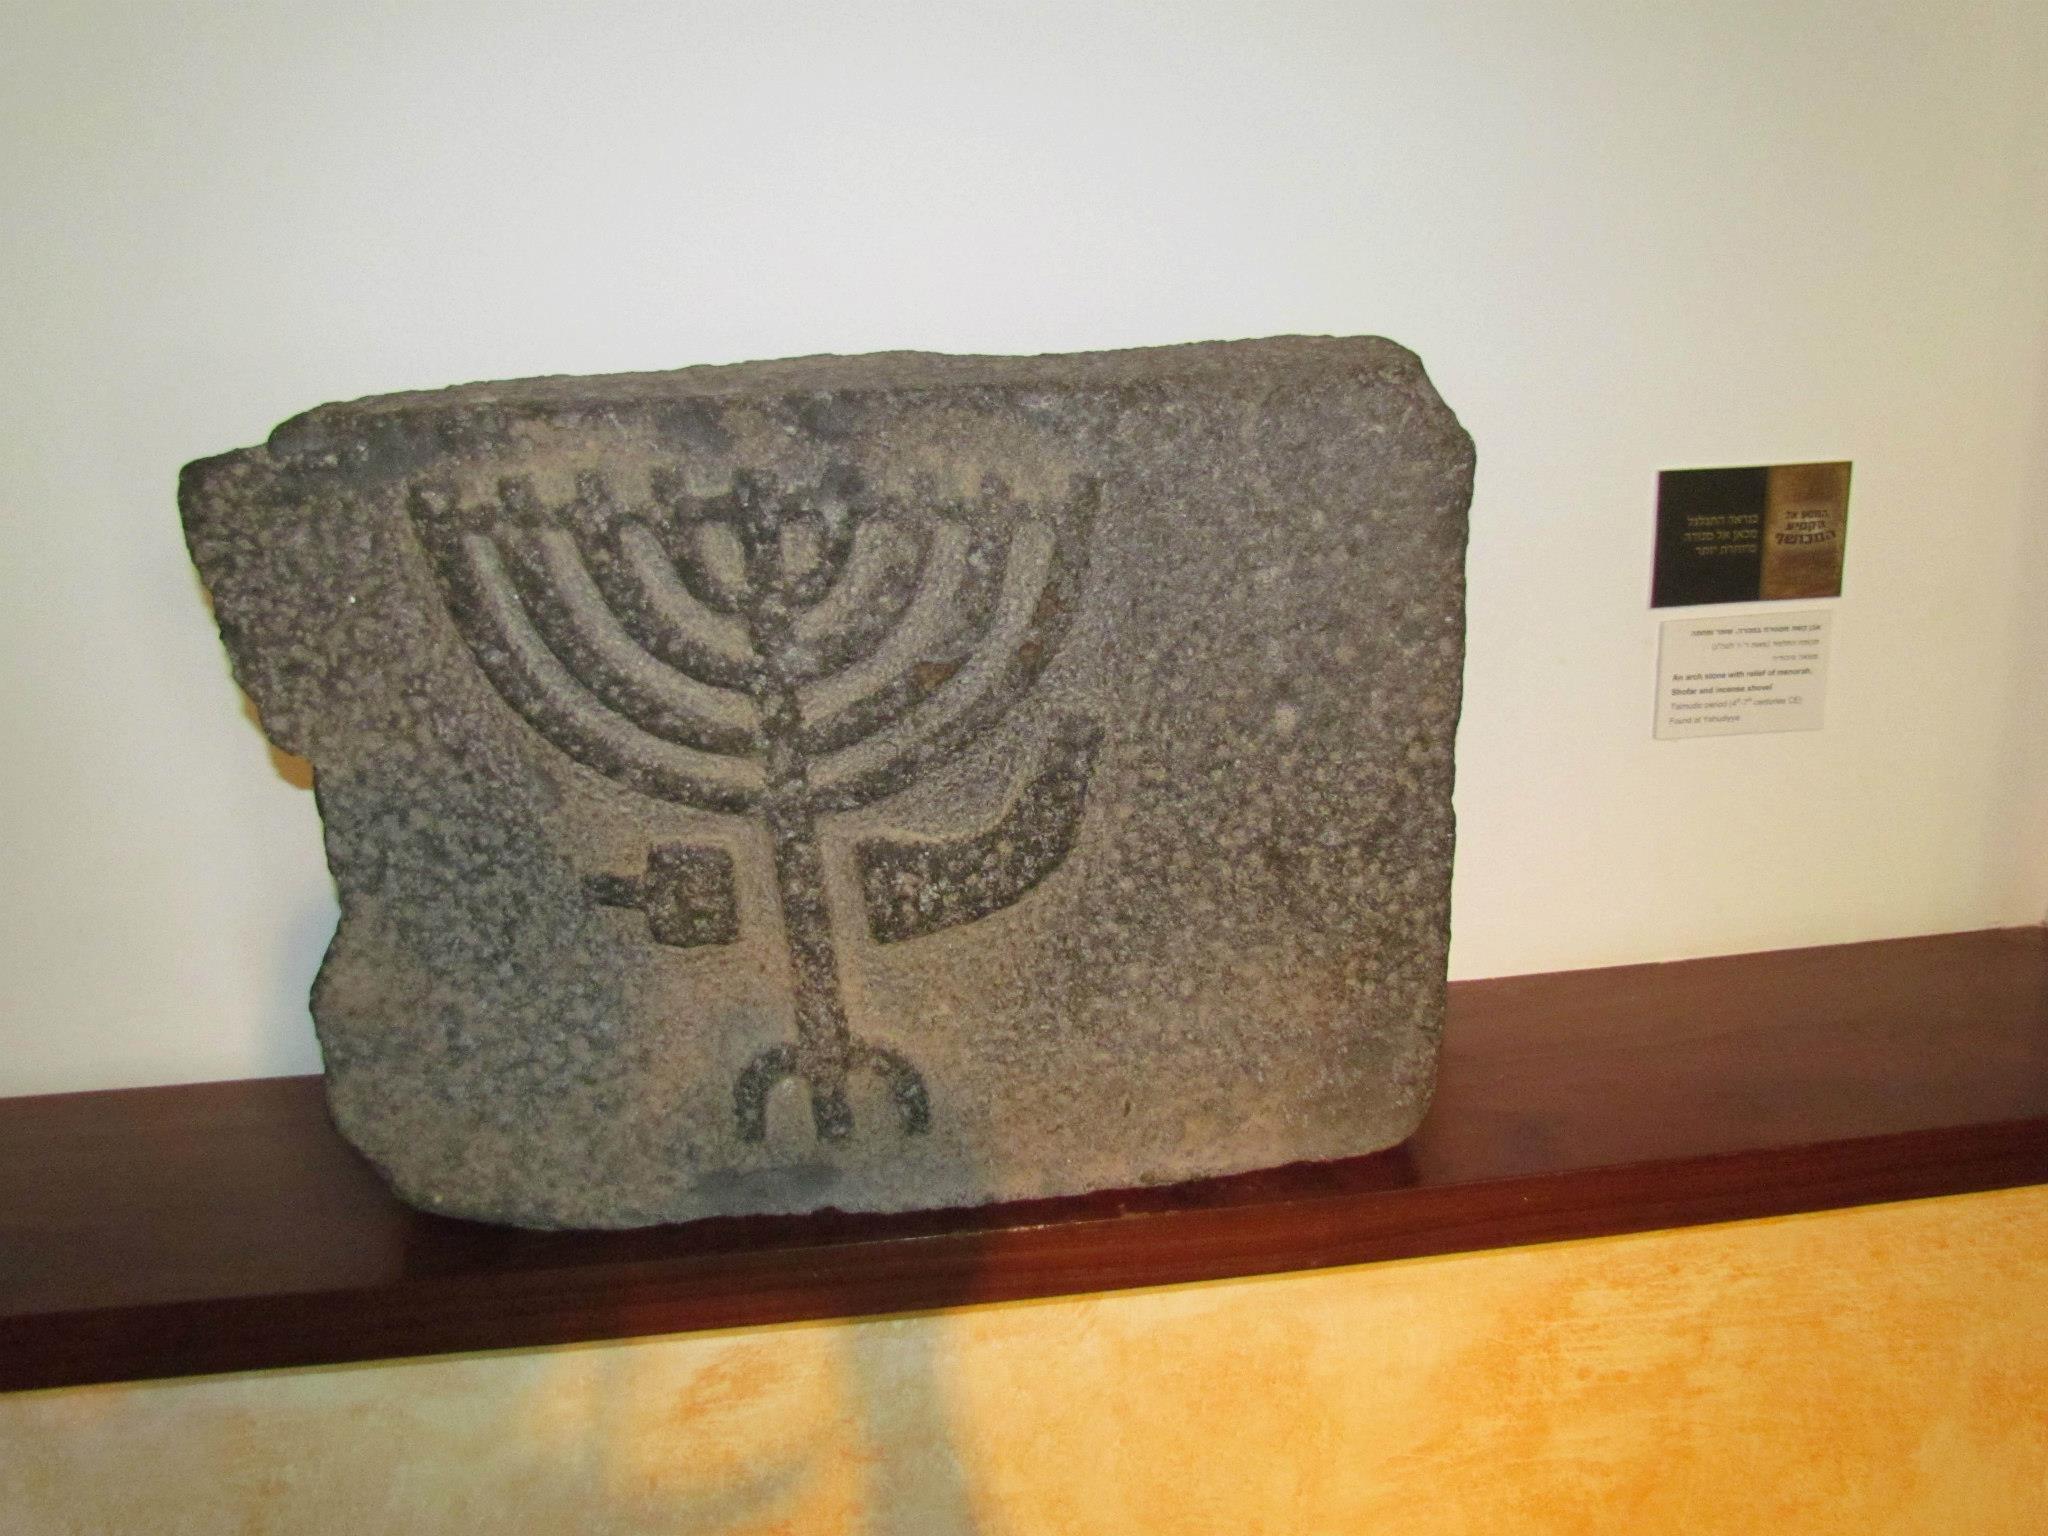 אחד מתבליטי המונרה אשר מוצגים במוזיאון עתיקות קצרין. צילום: Zion Susi Photography